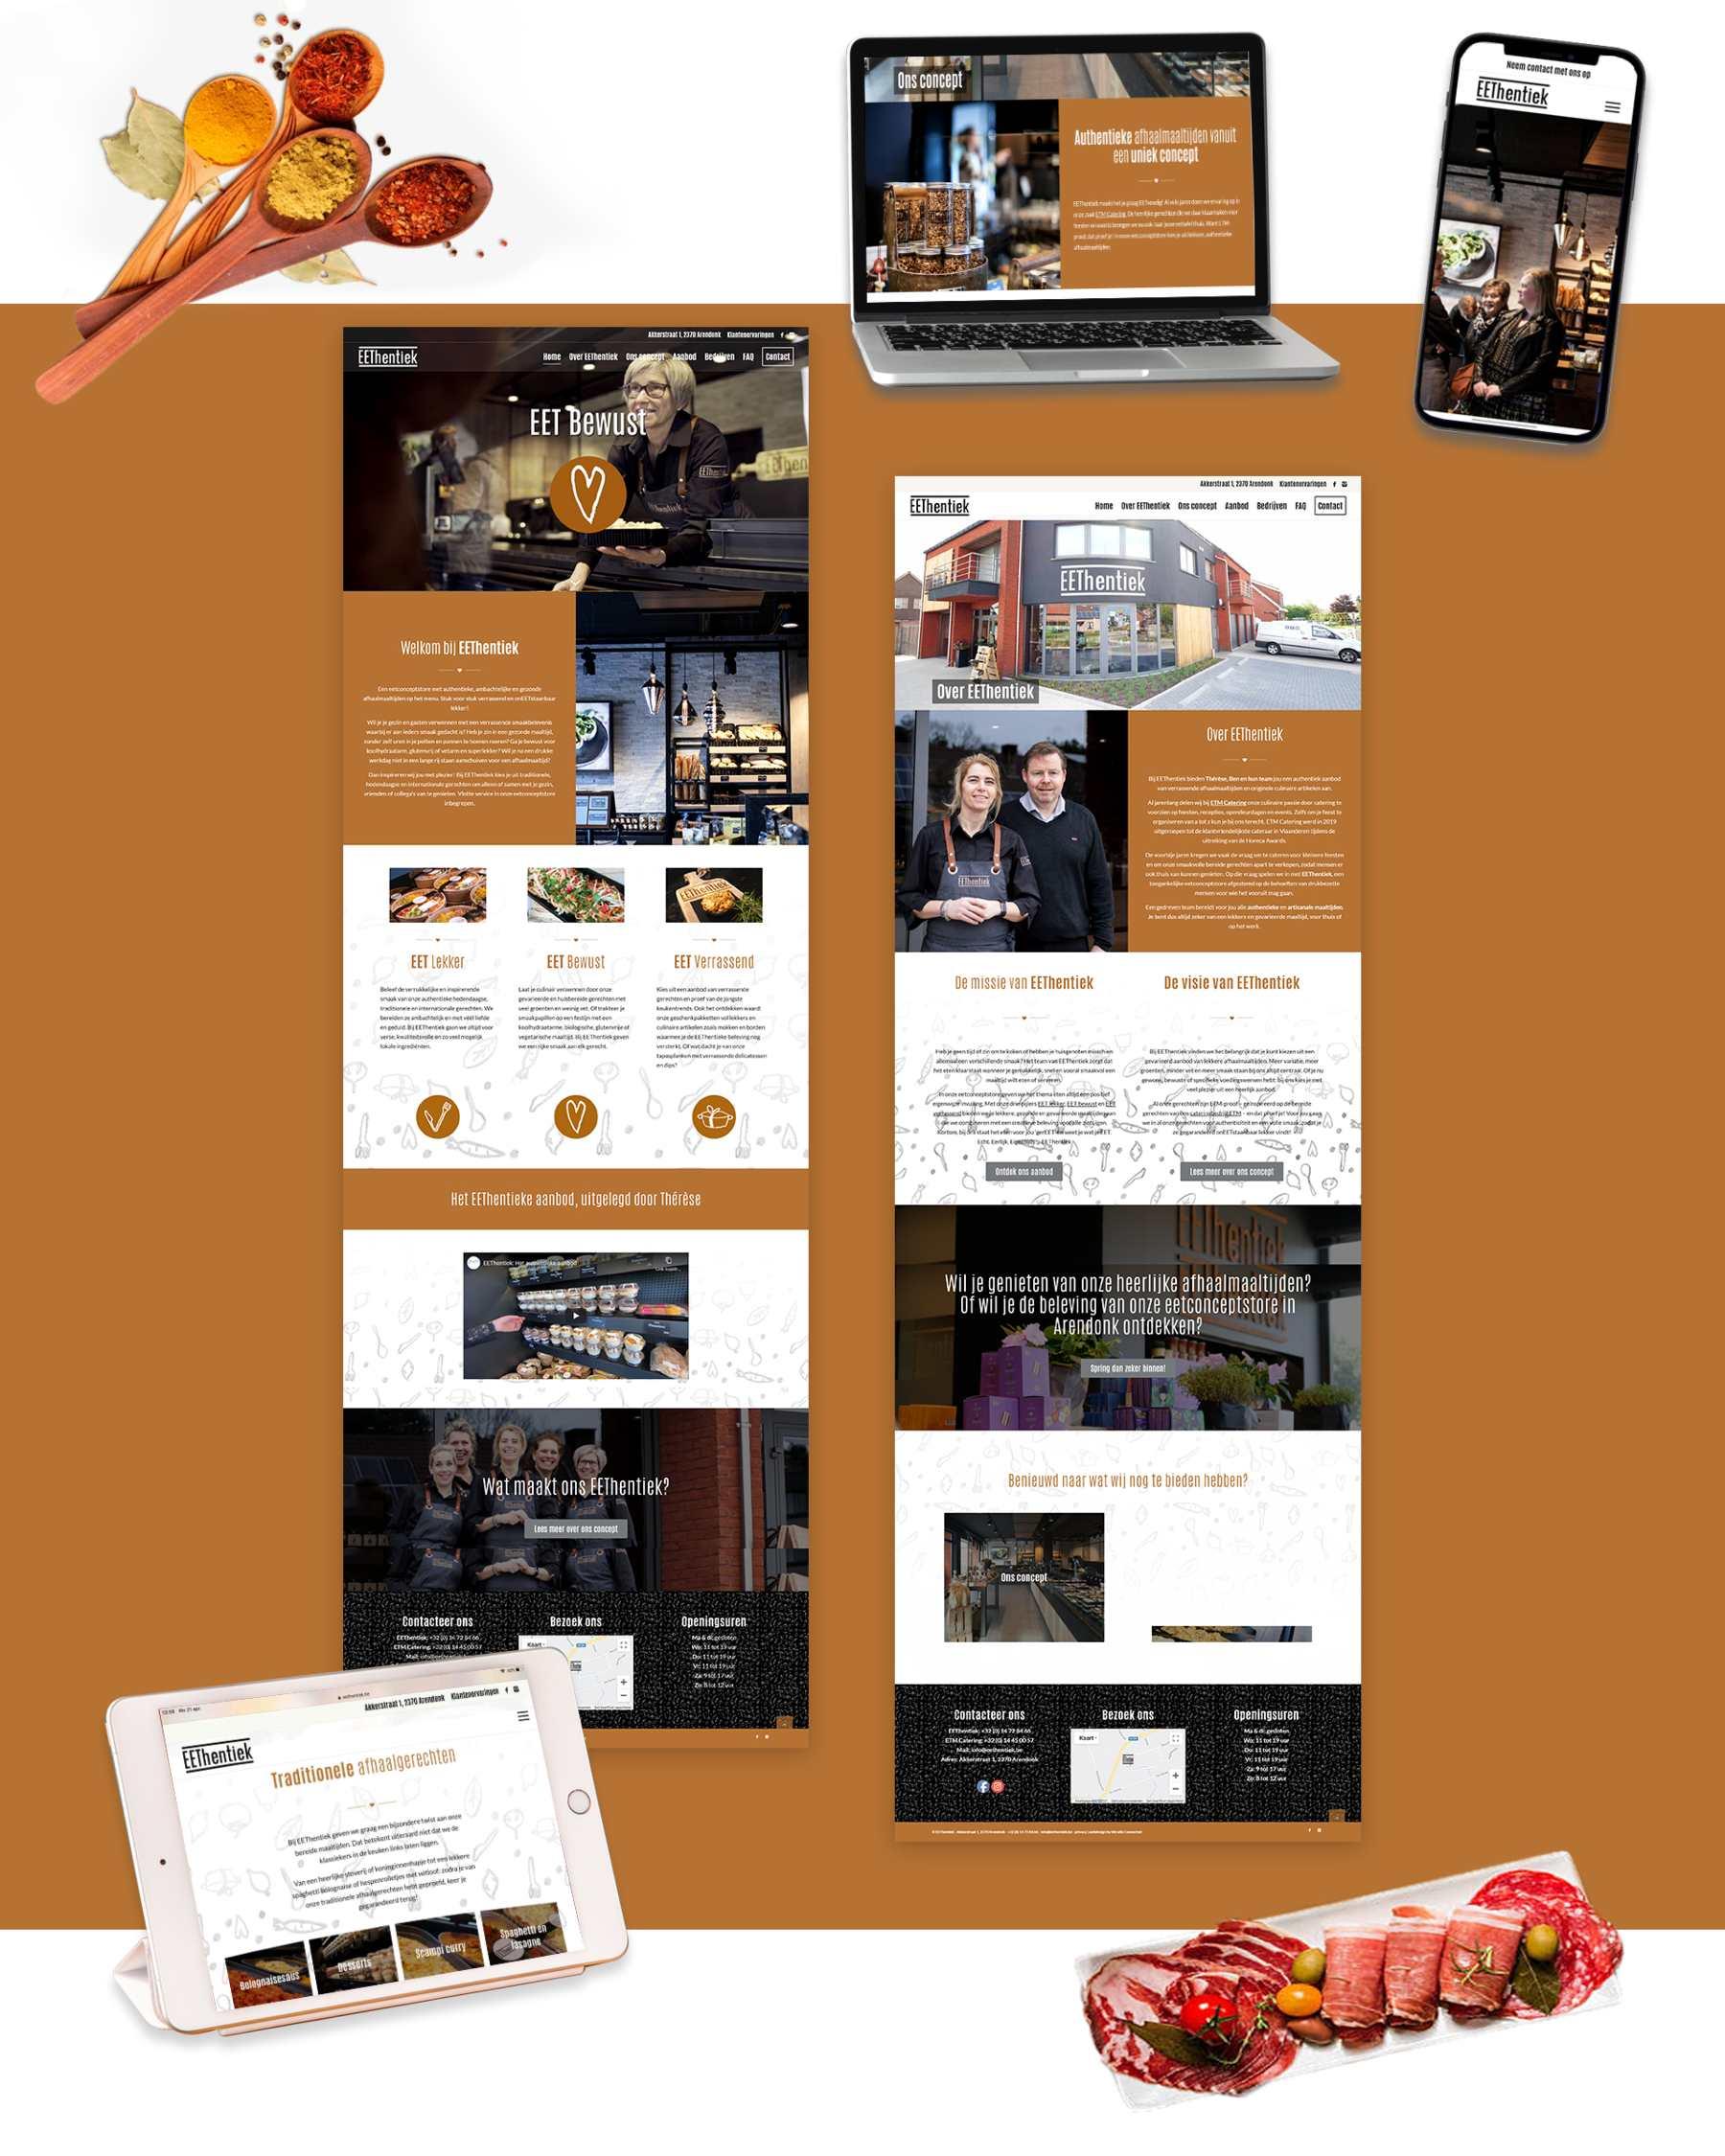 Website Eethentiek